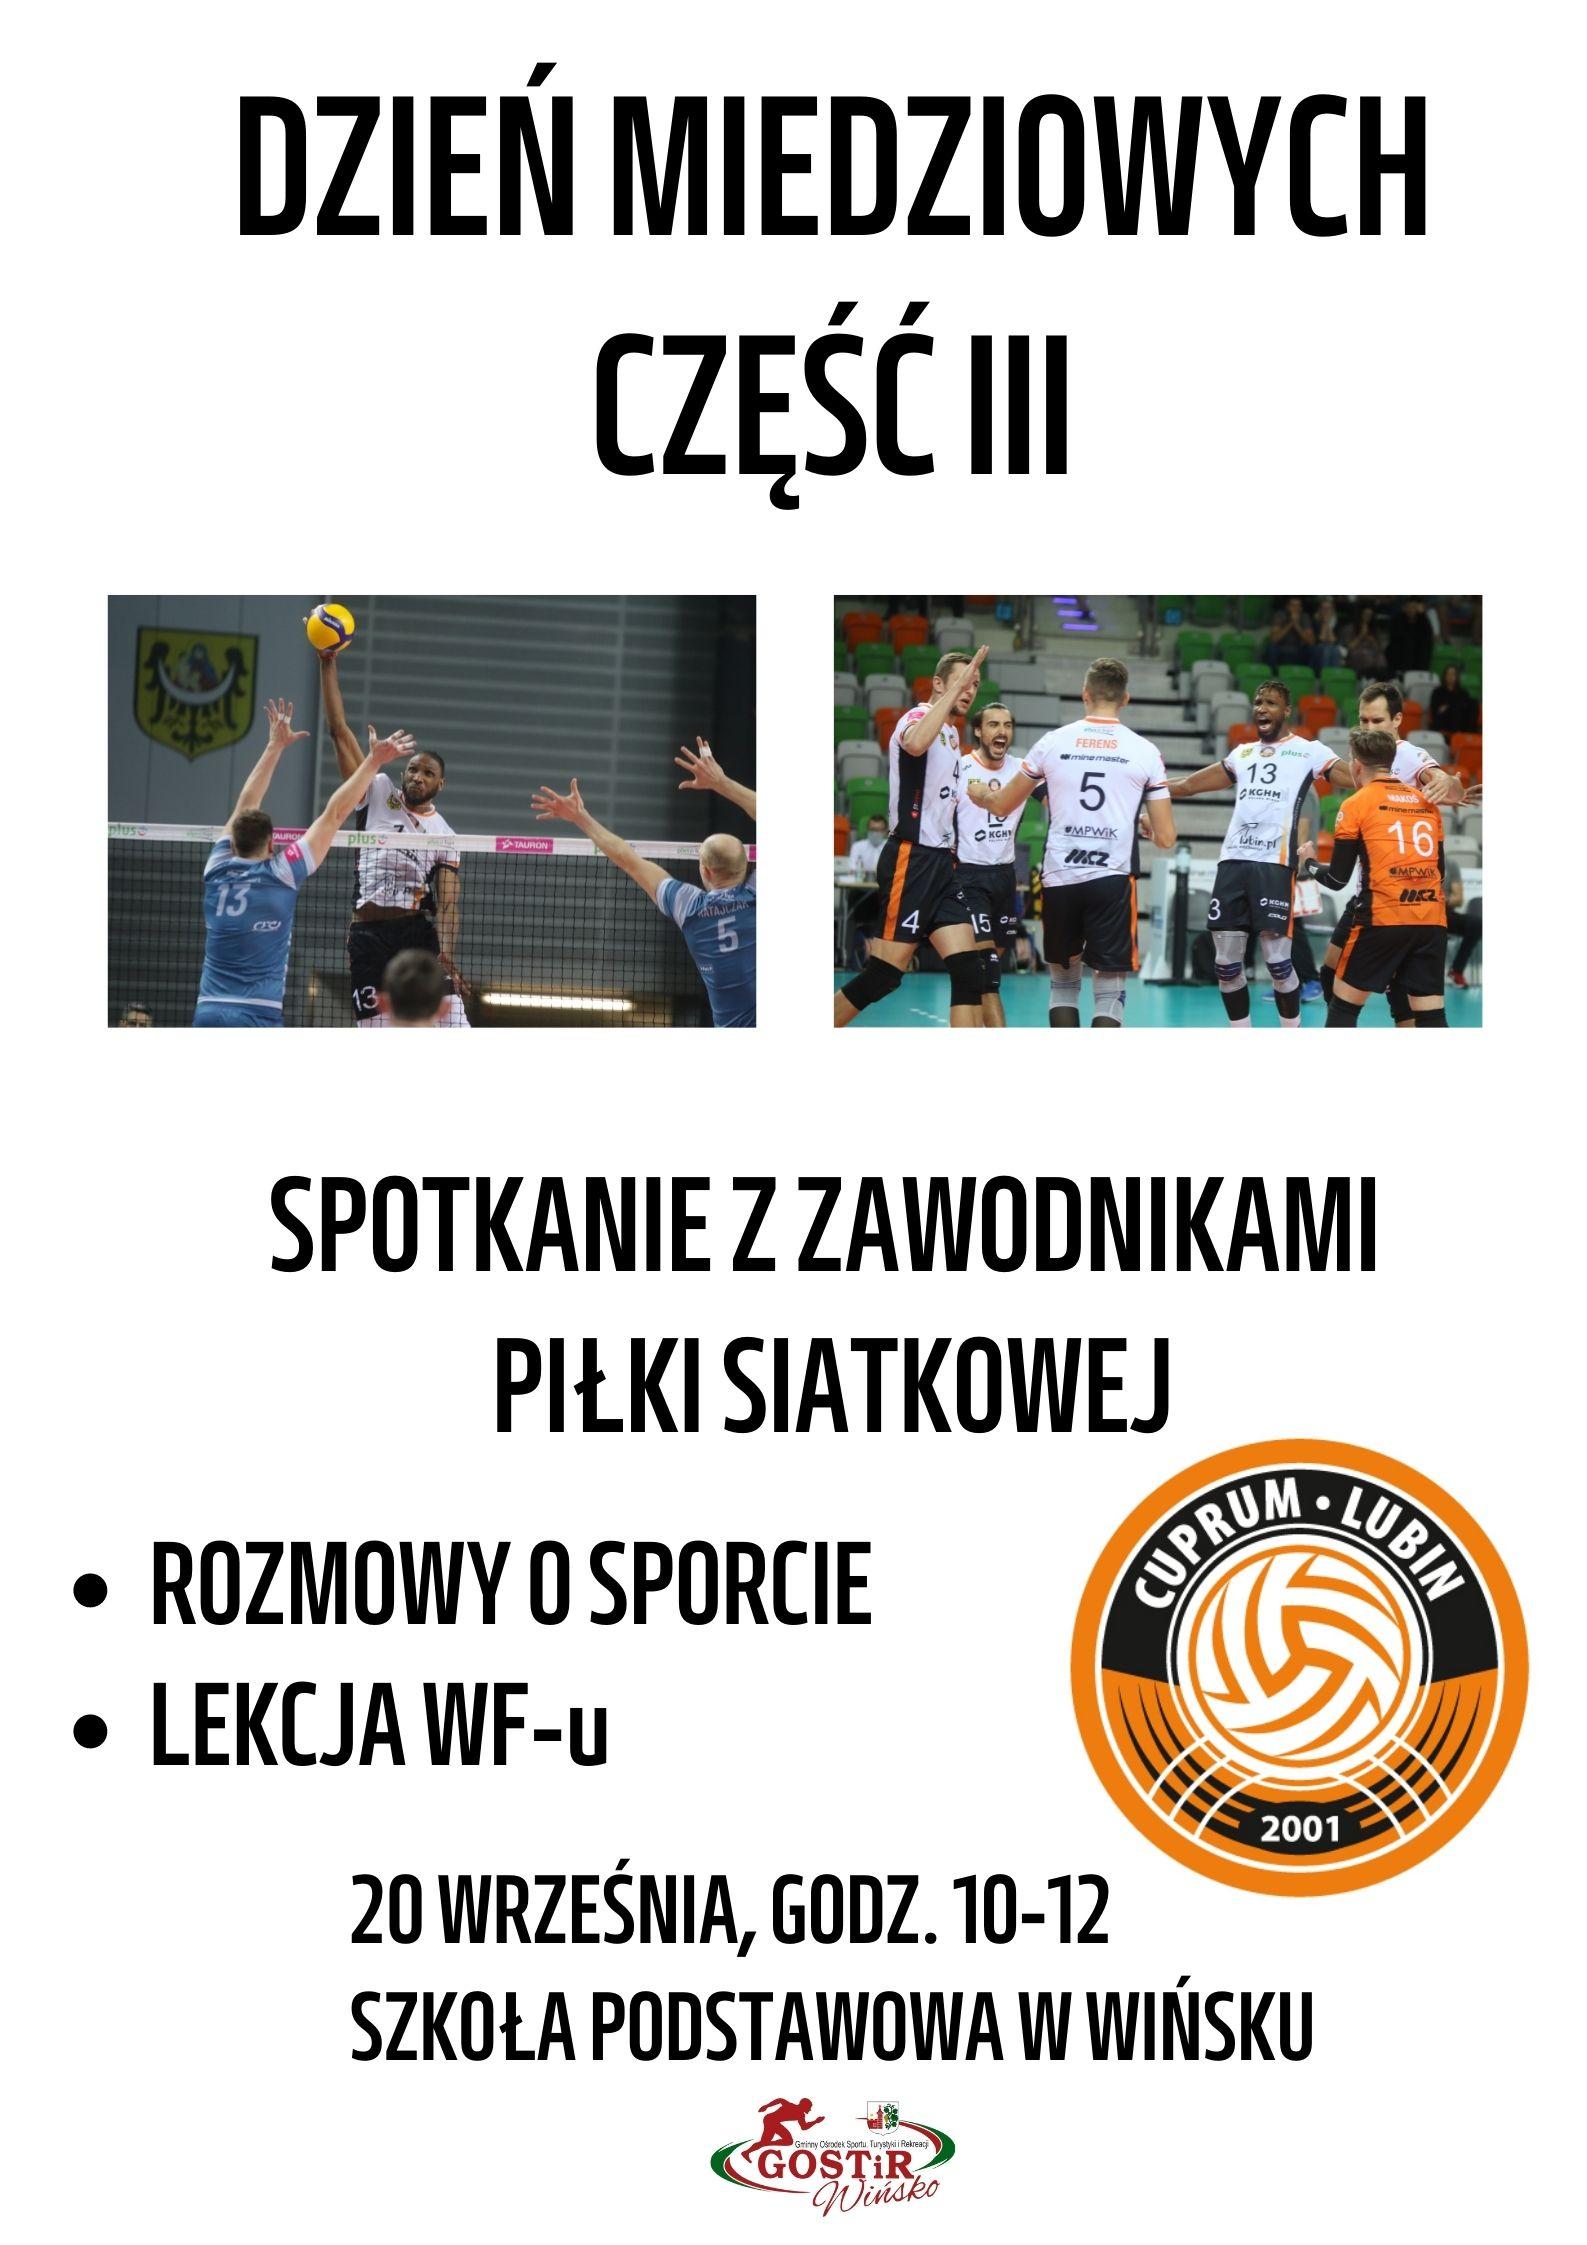 Plakat promujący Dzień Miedziowych